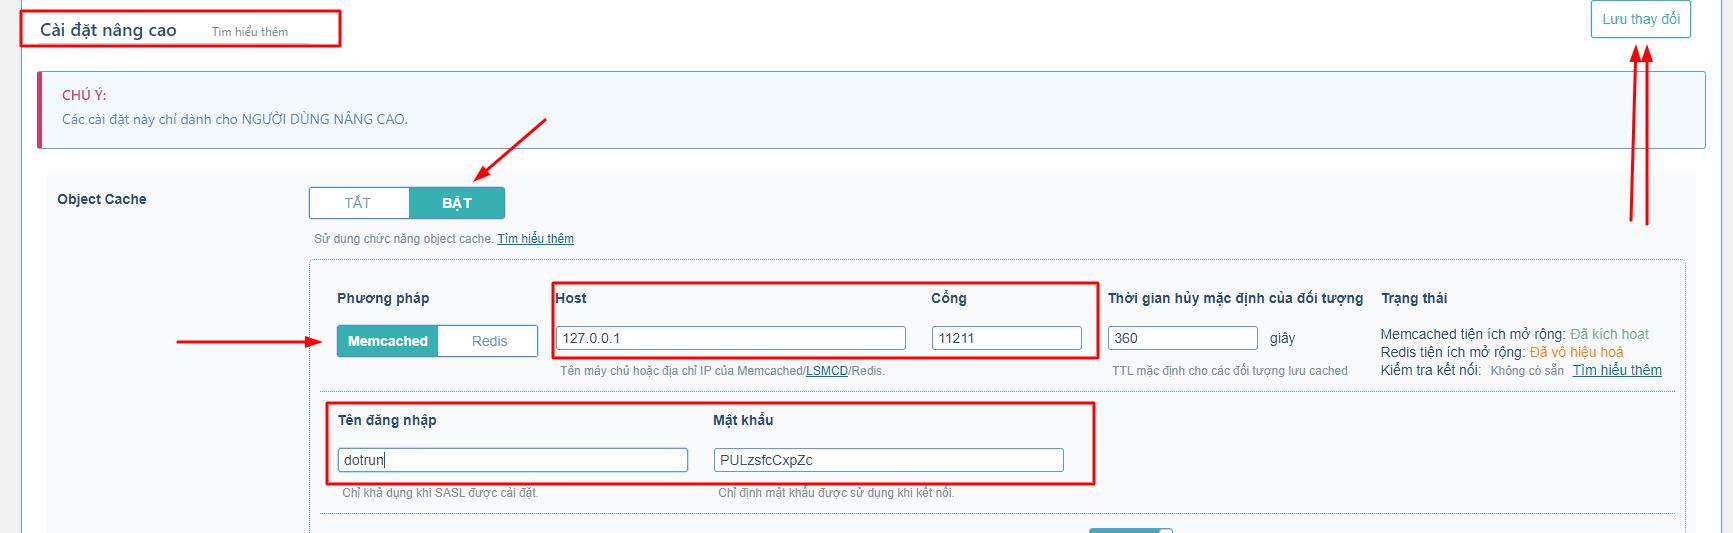 Hướng dẫn bật LSMCD User Manager và cấu hình